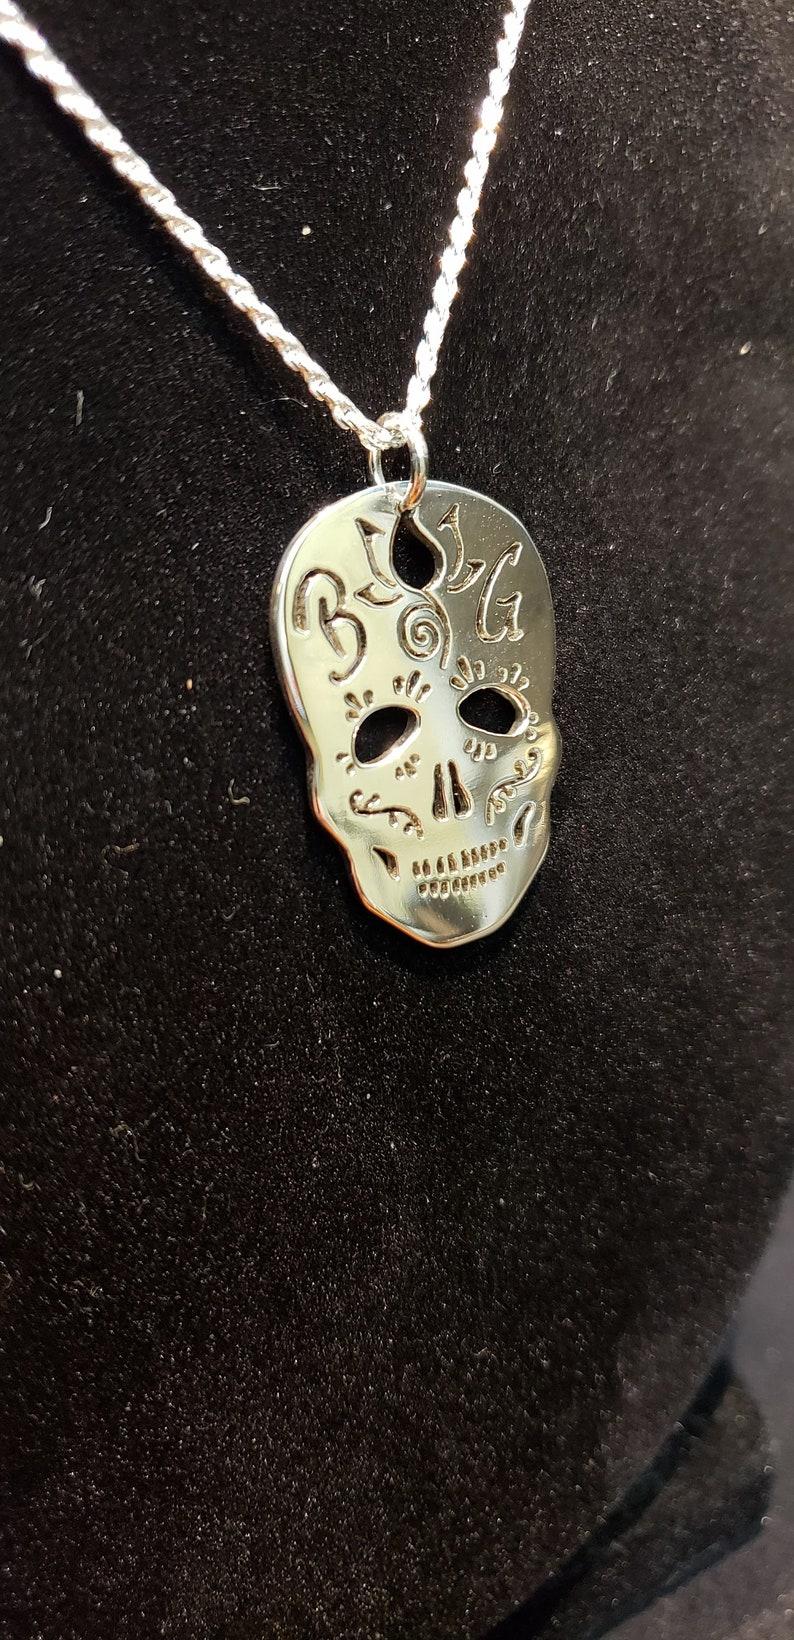 Sugar Skull Personalized Pendant